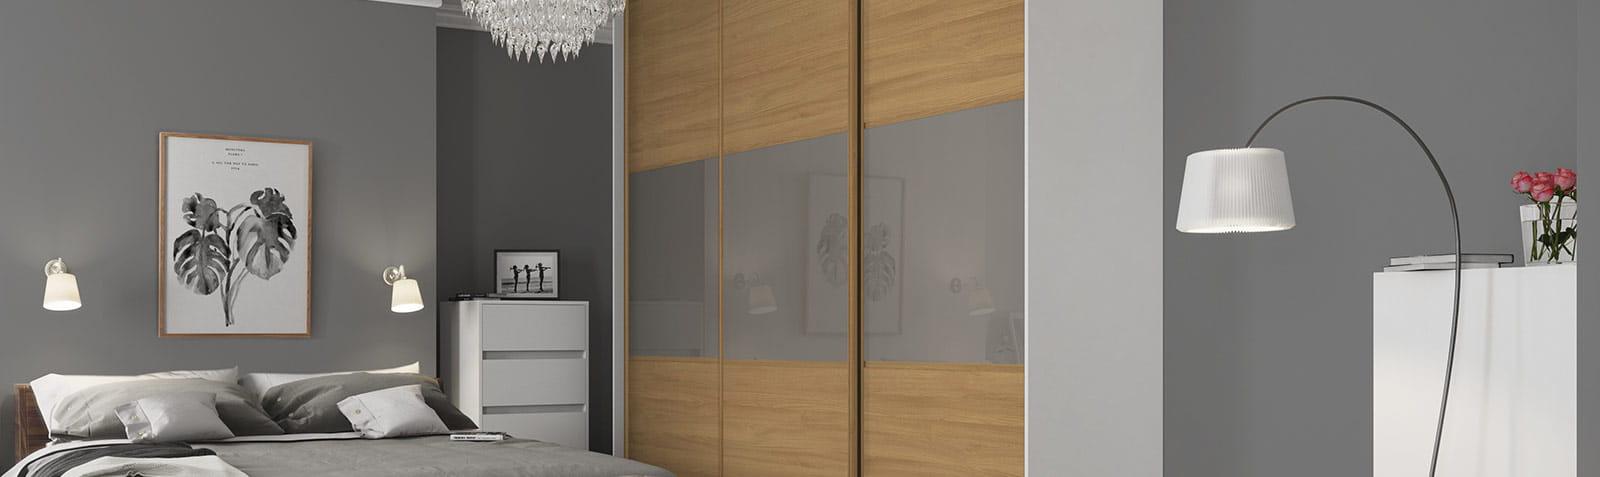 Sliding Wardrobe Doors And Wardrobe Interiors Homebase